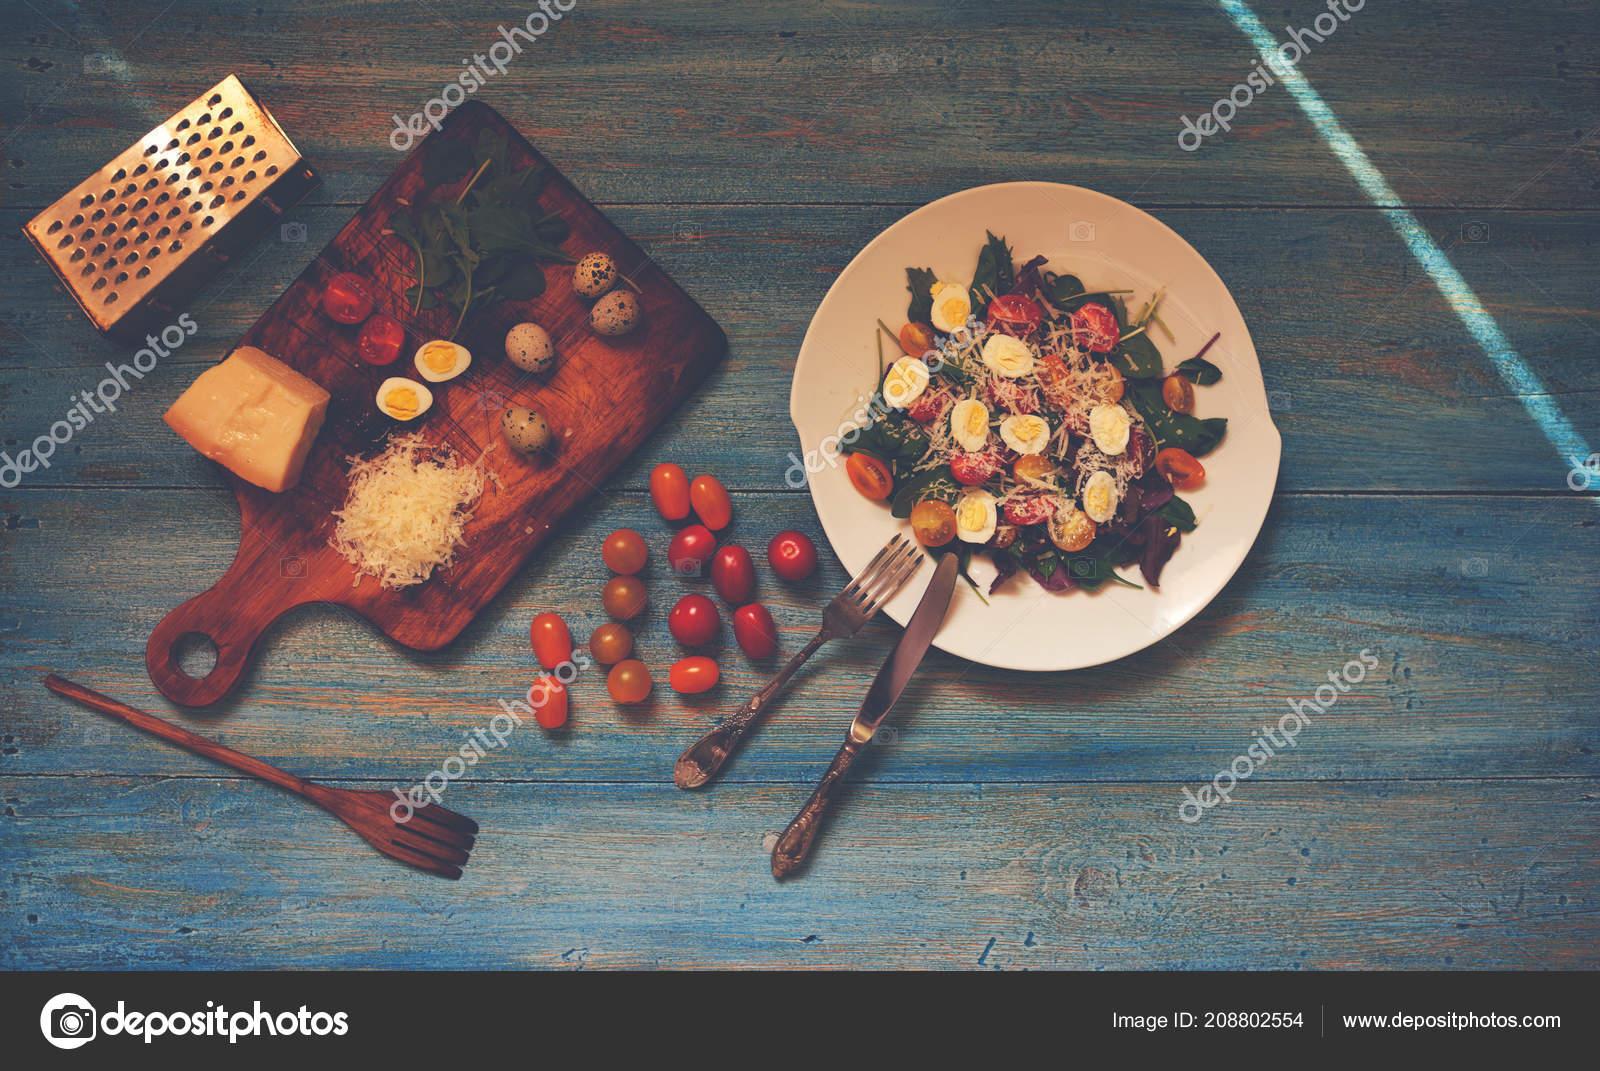 Prosty Przepis Salatka Swieze Warzywa Jaja Przepiorcze Pomidorkami